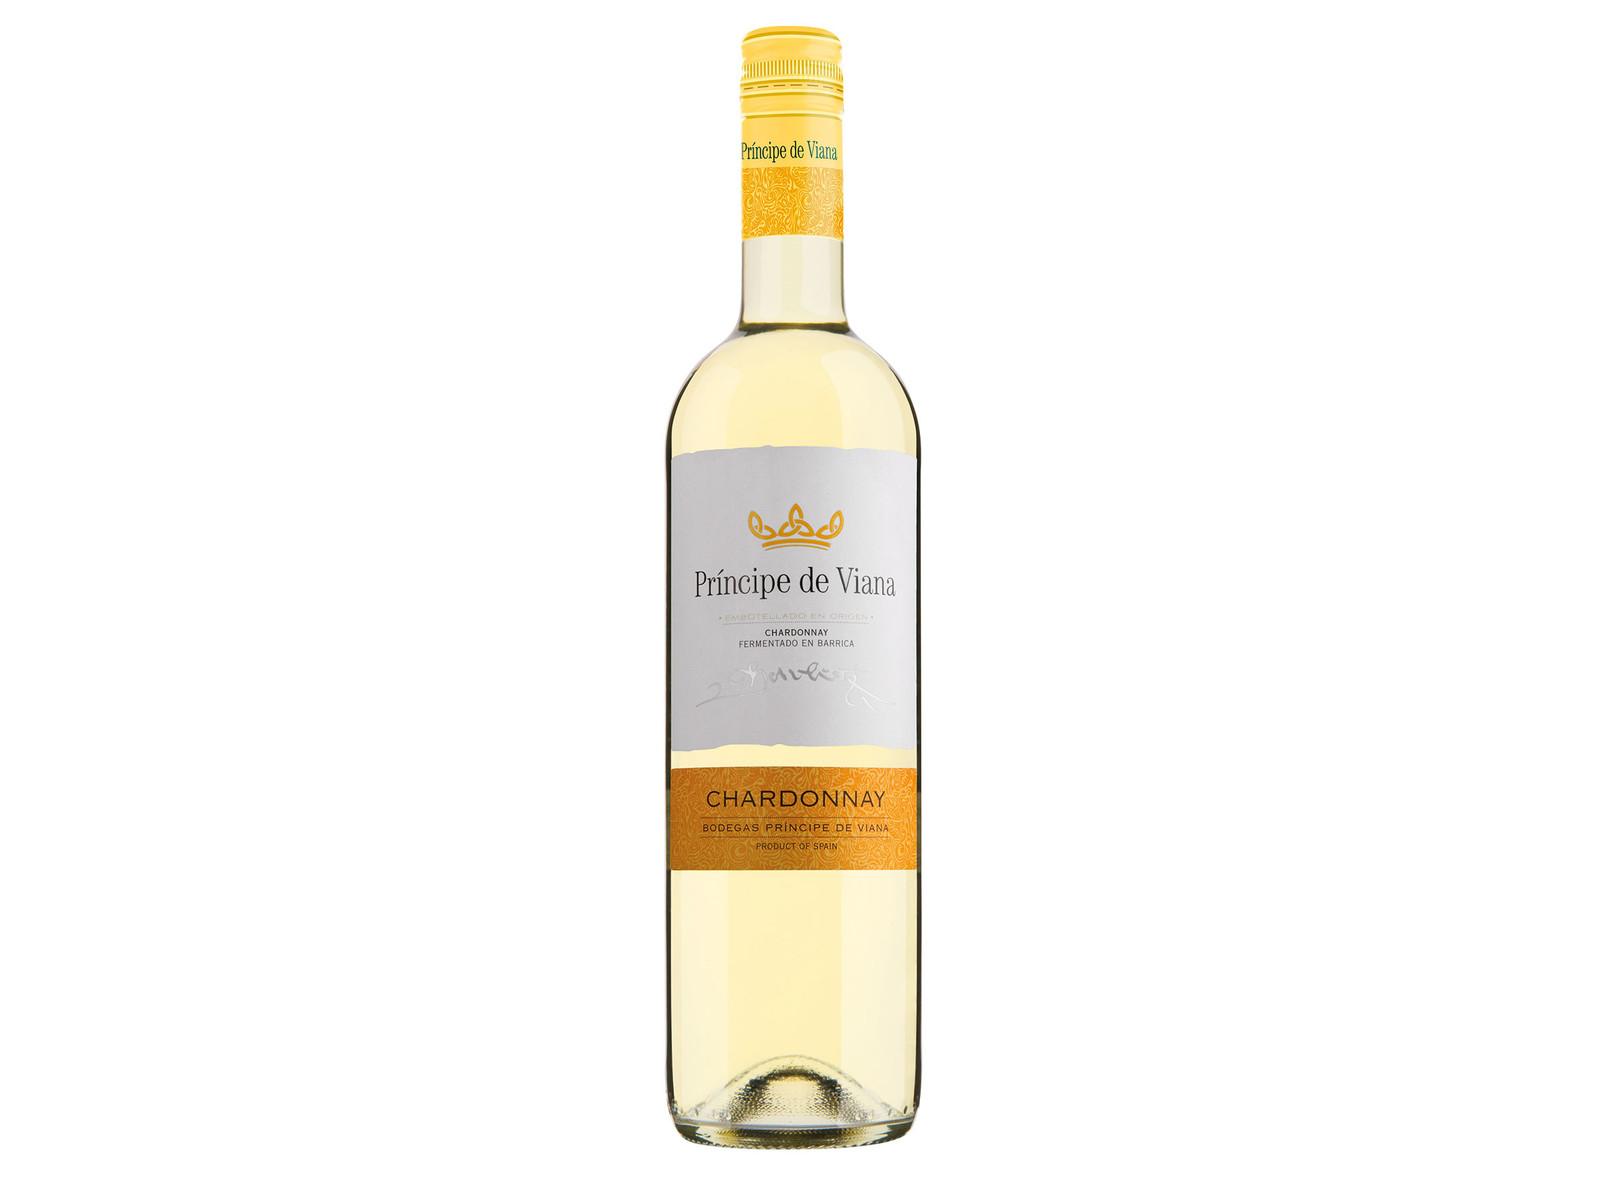 Bodegas Principe de Viana Principe De Viana / Chardonnay Barrel